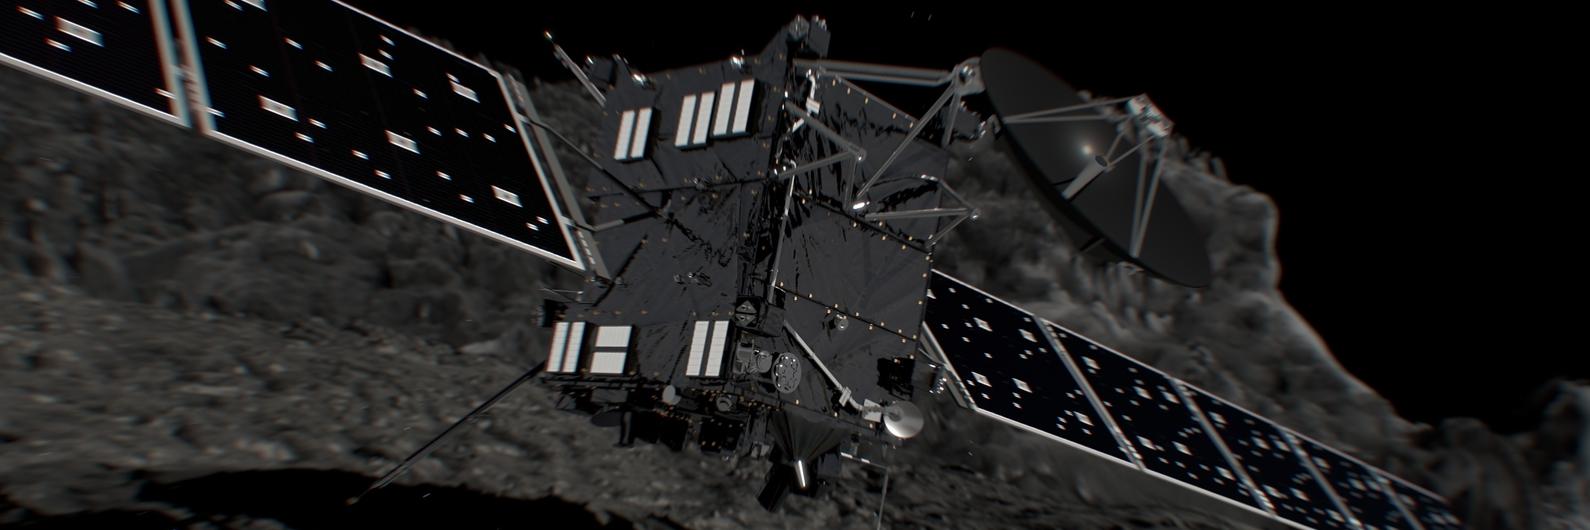 O fim da missão Rosetta. Sonda despenhou-se no cometa que estudou